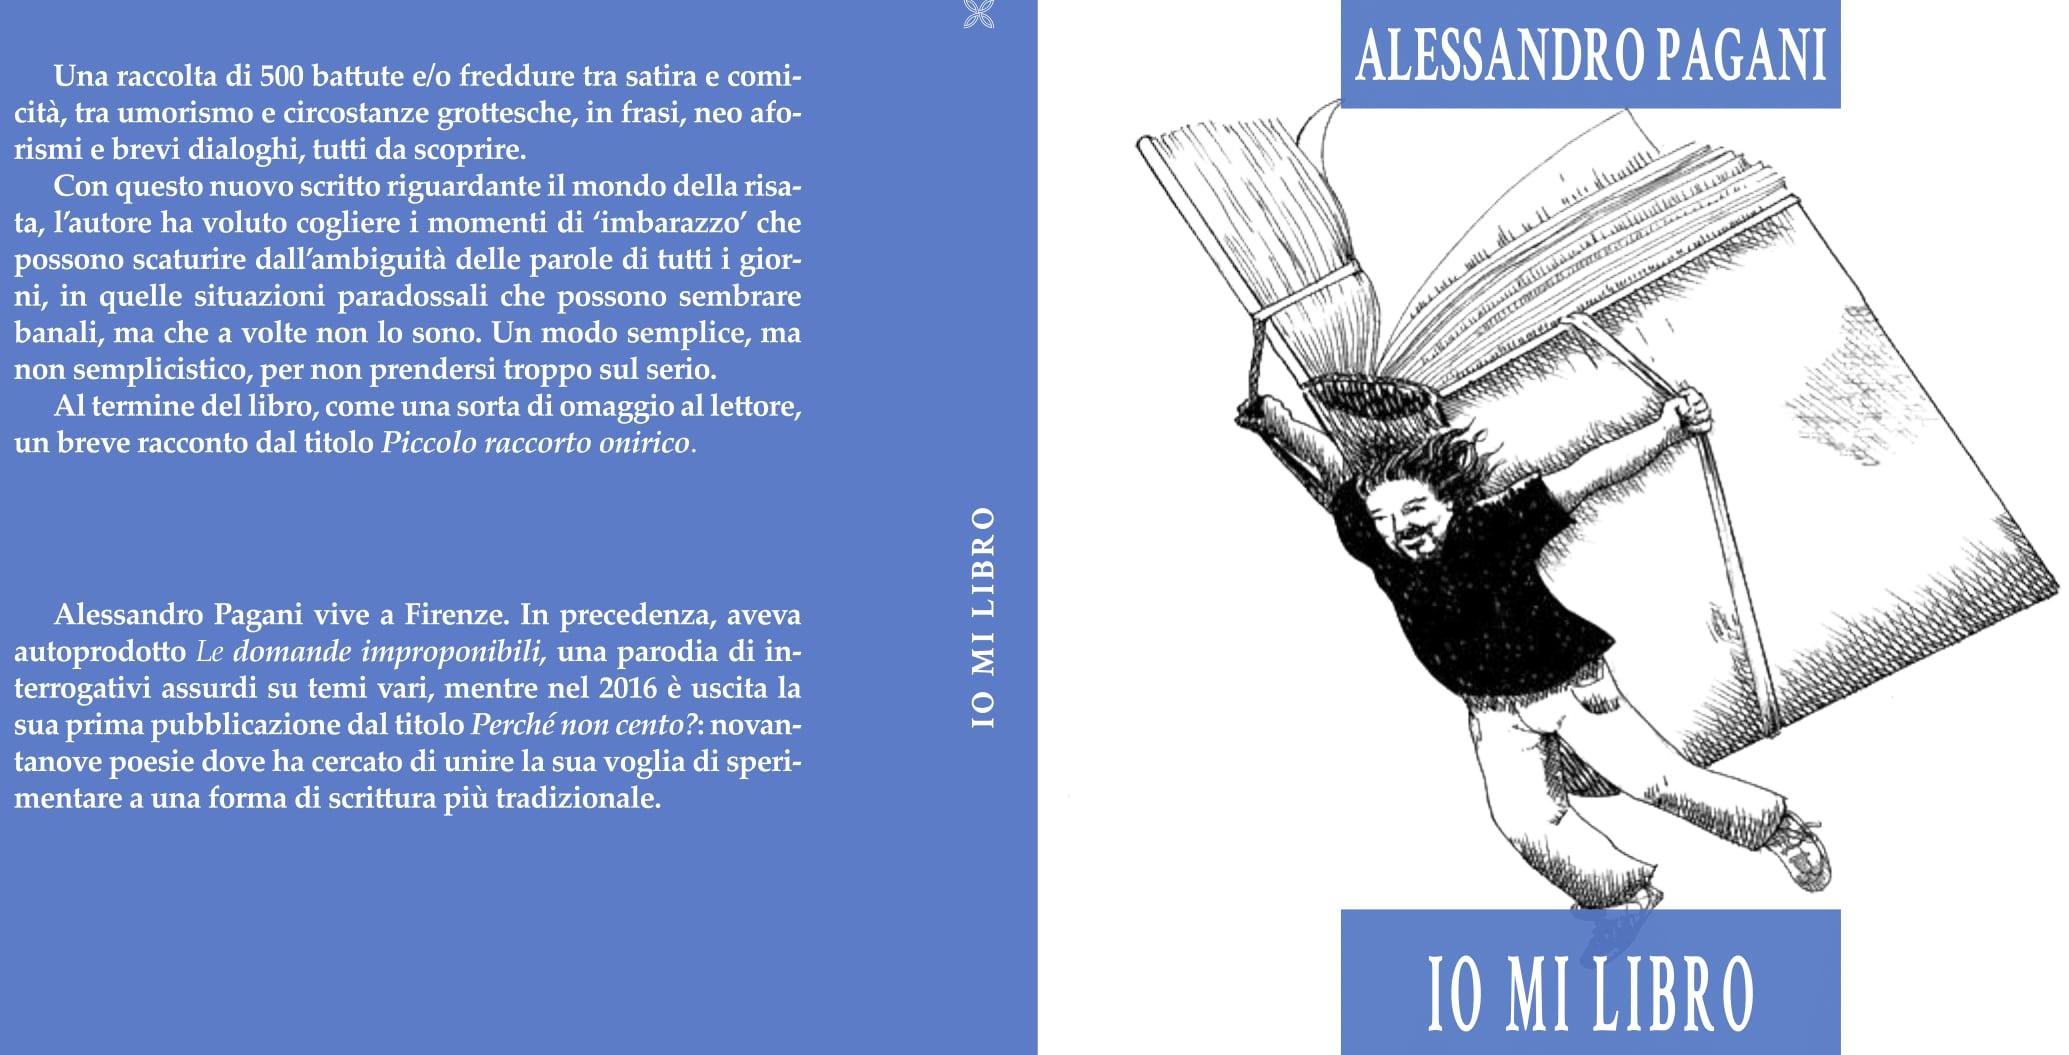 Alessandro Pagani: 500 frasi umoristiche, sarcastiche e ironiche per ridere di se stessi